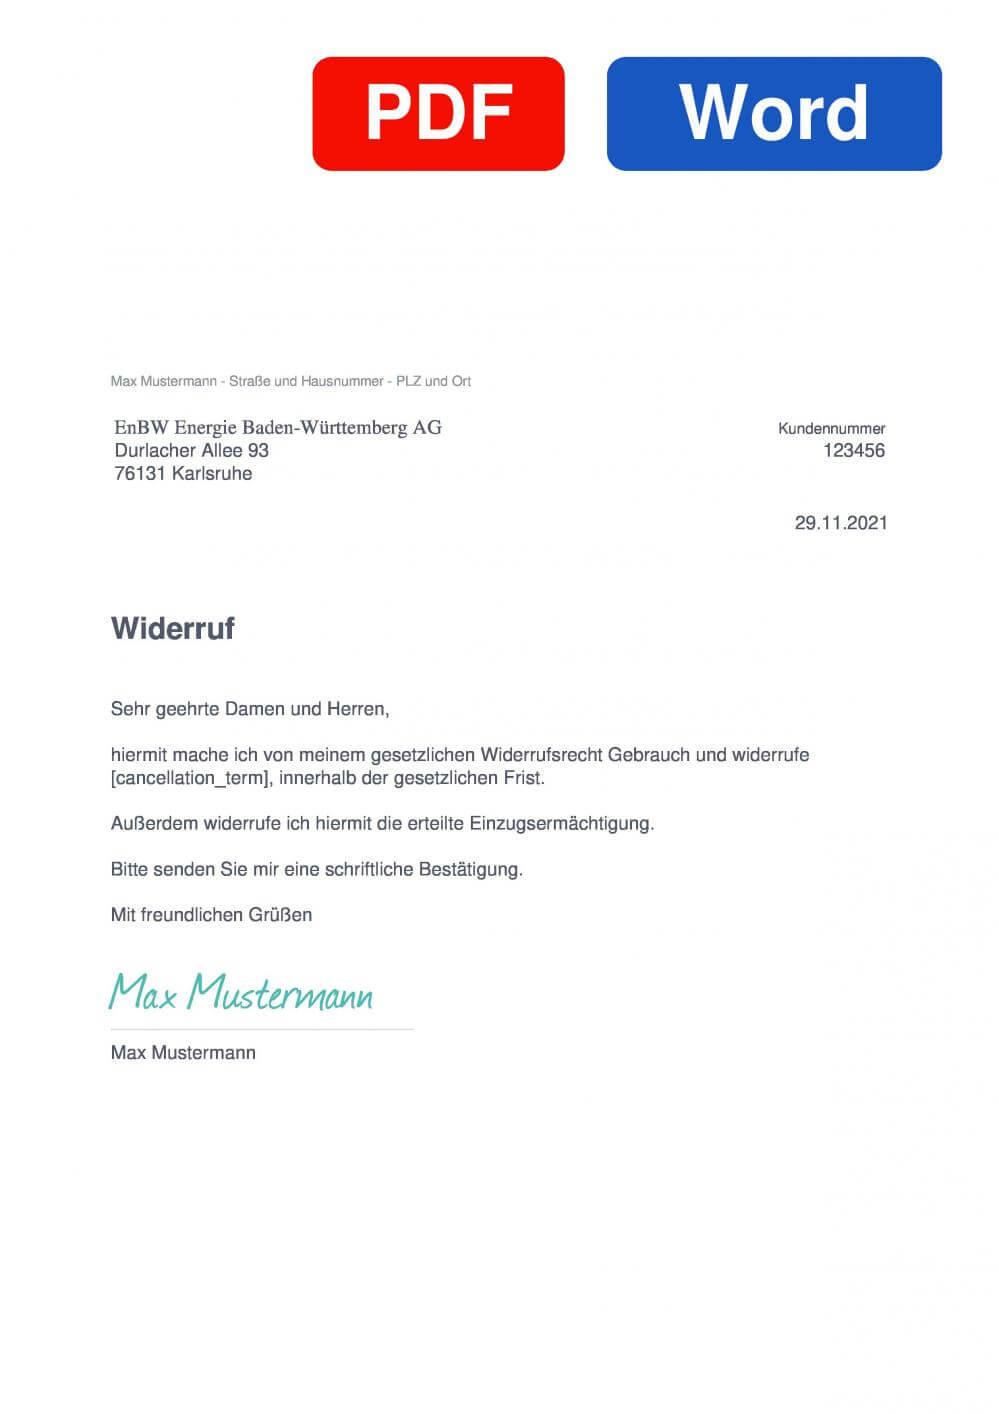 EnBW Muster Vorlage für Wiederrufsschreiben